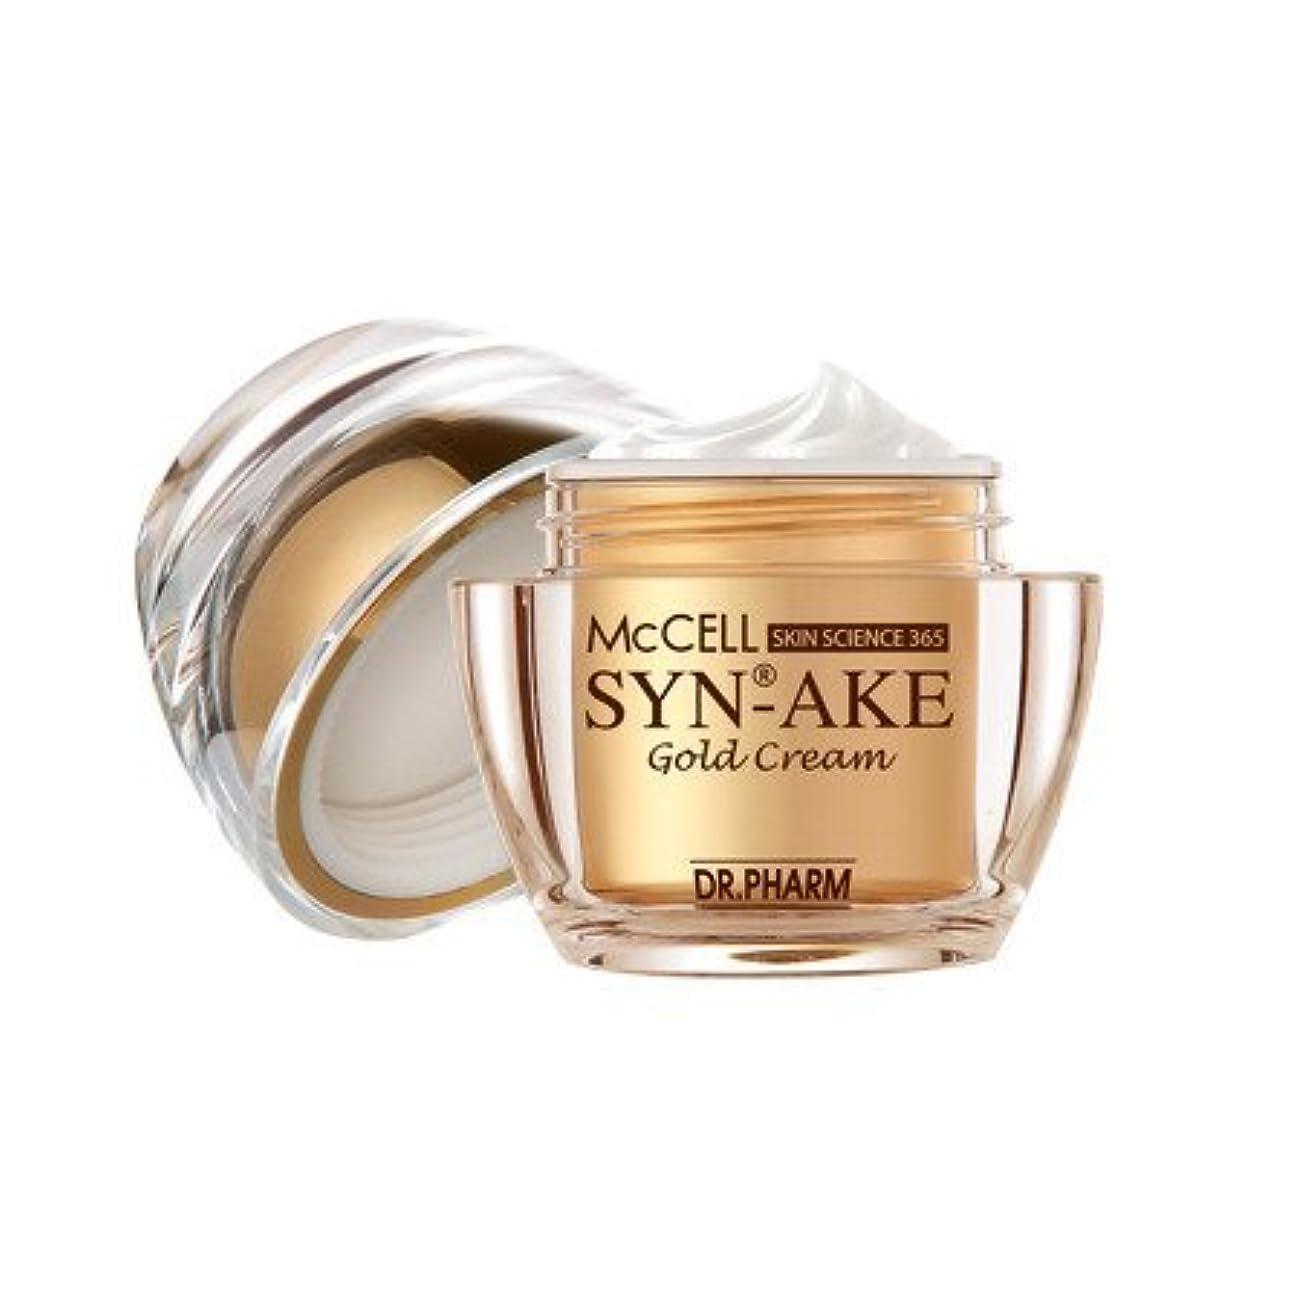 レッスン意外層Dr.Pharm マクセルスキンサイエンス365シネイクゴールドクリーム McCELL Synake gold cream